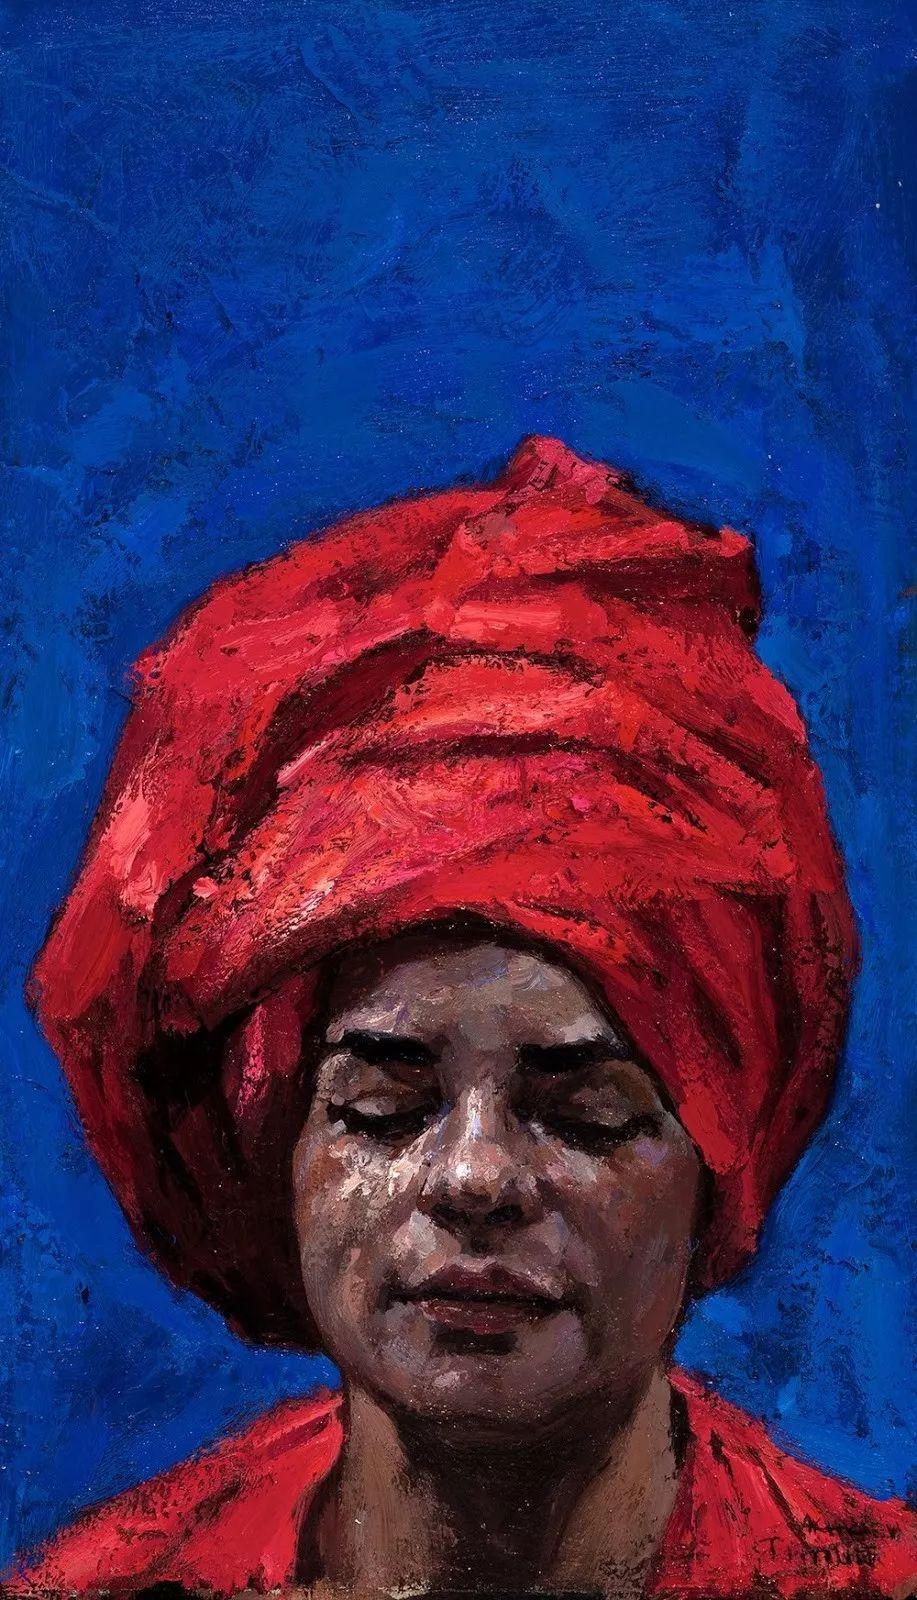 浓郁的色彩,俄罗斯艺术家帖木儿·阿赫列耶夫插图31